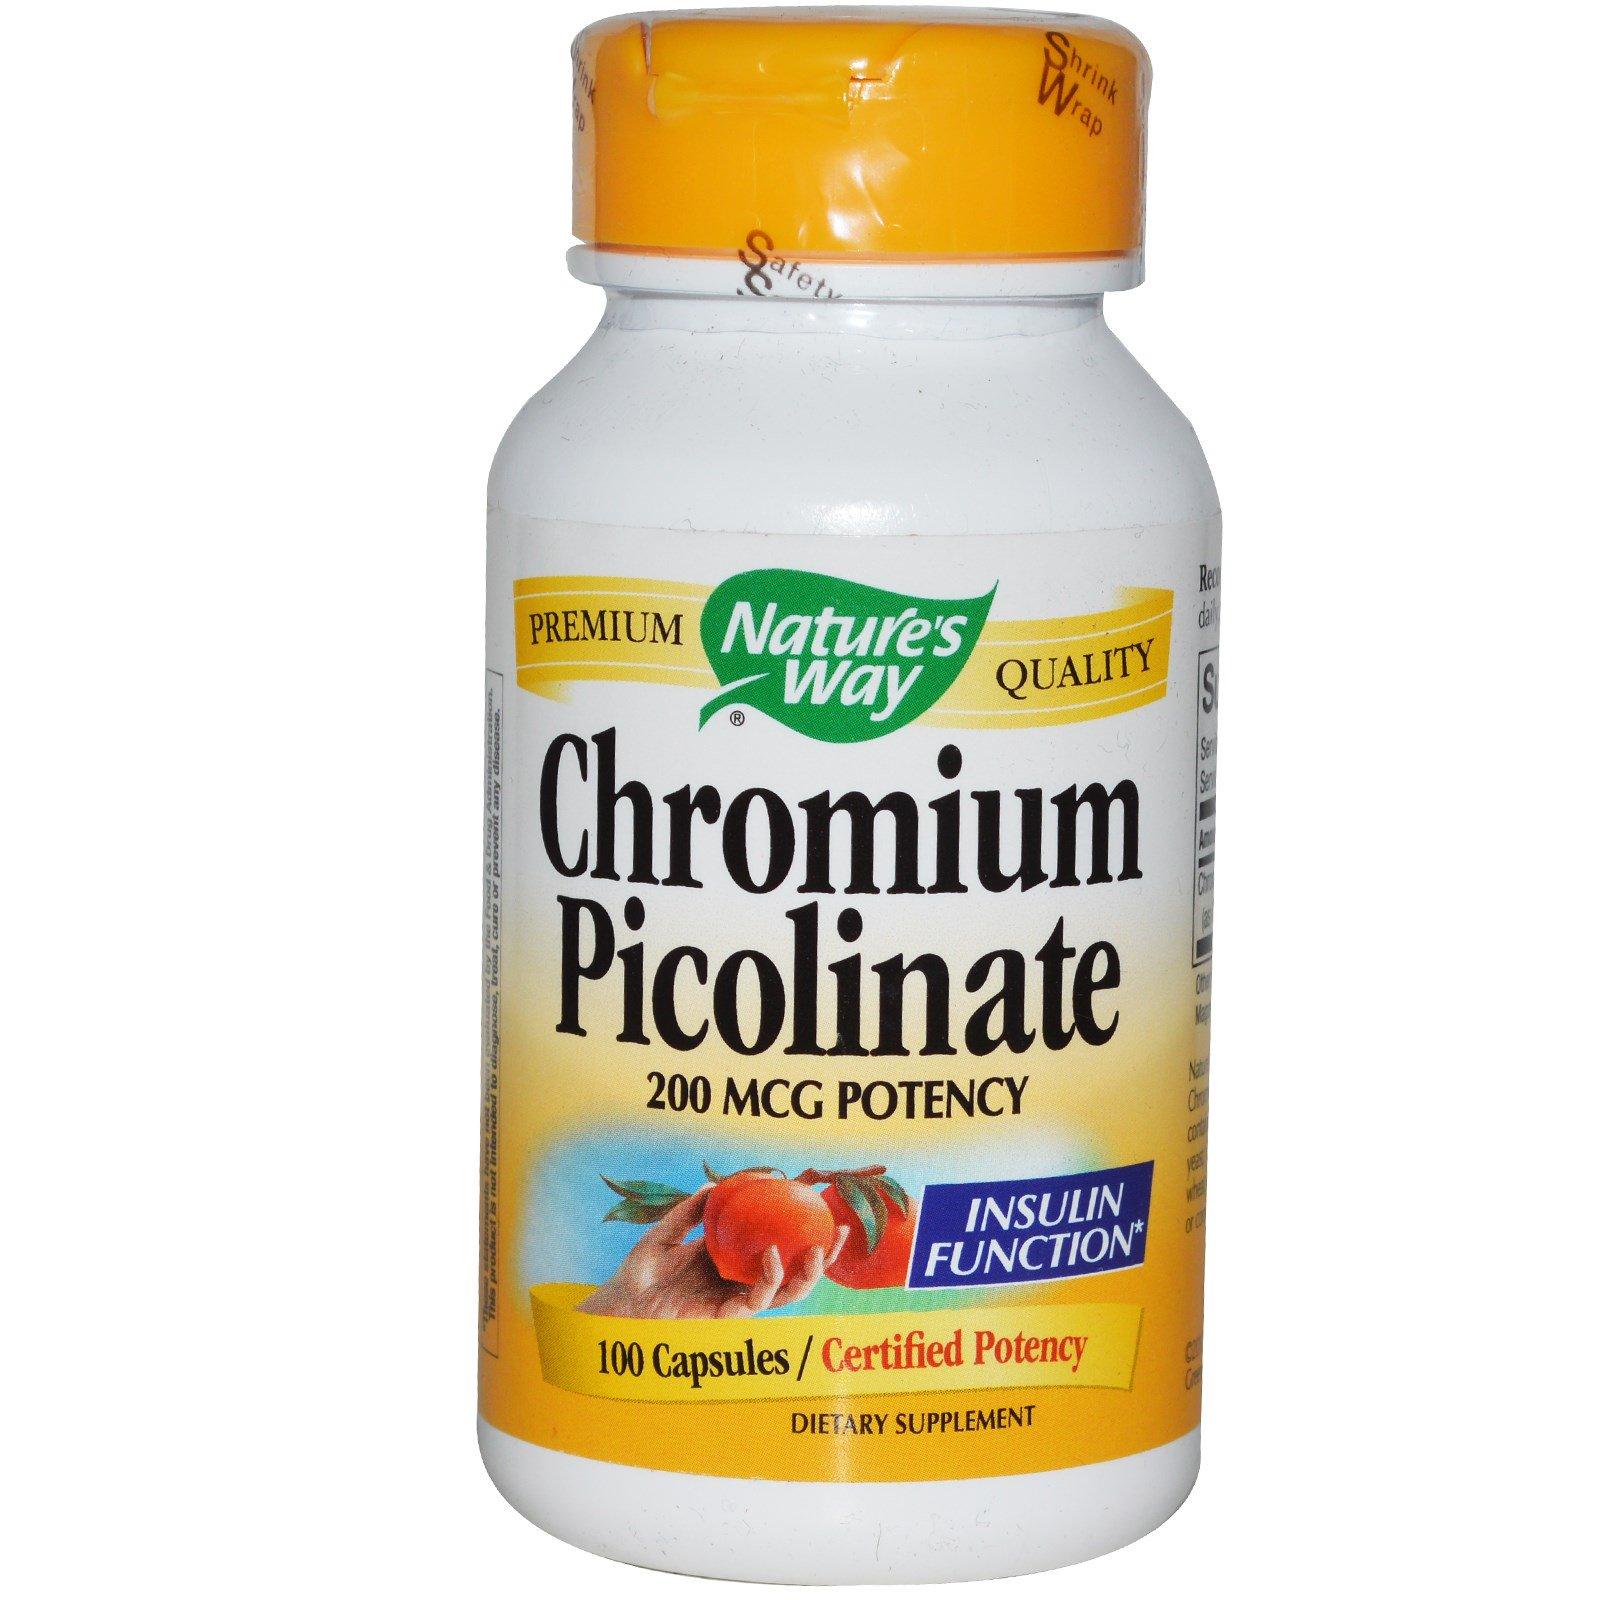 Chromium Picolinate Reviews